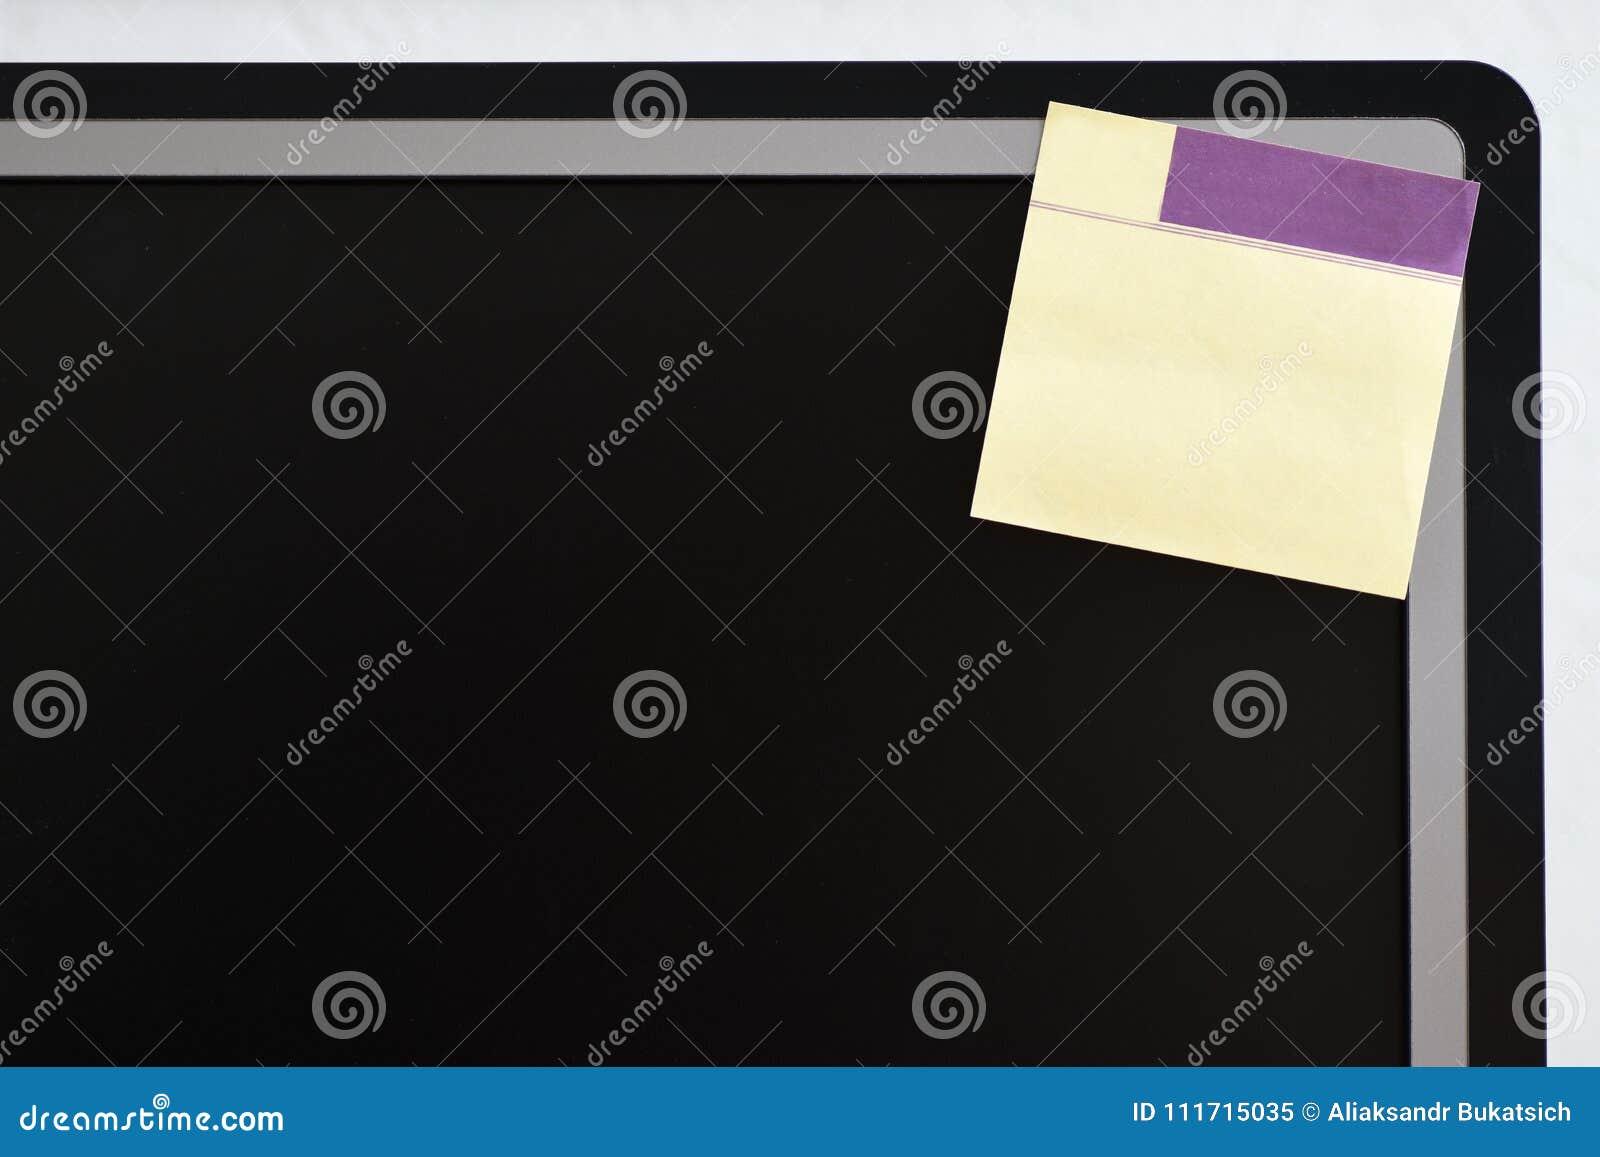 在显示器屏幕的角落的纸备忘录贴纸